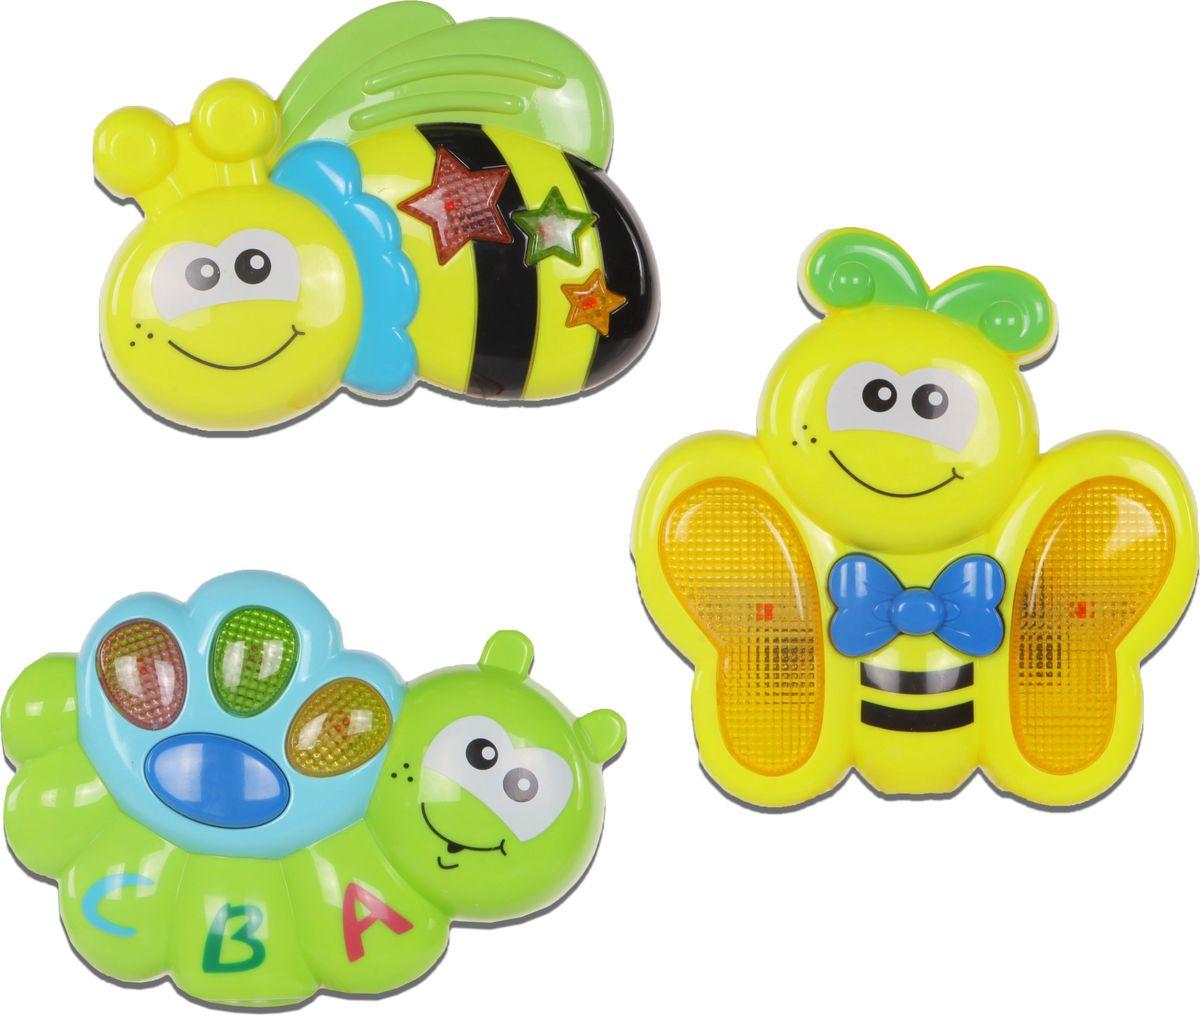 Huile Toys Набор развивающих музыкальных игрушек 3 шт Y1567218 цена